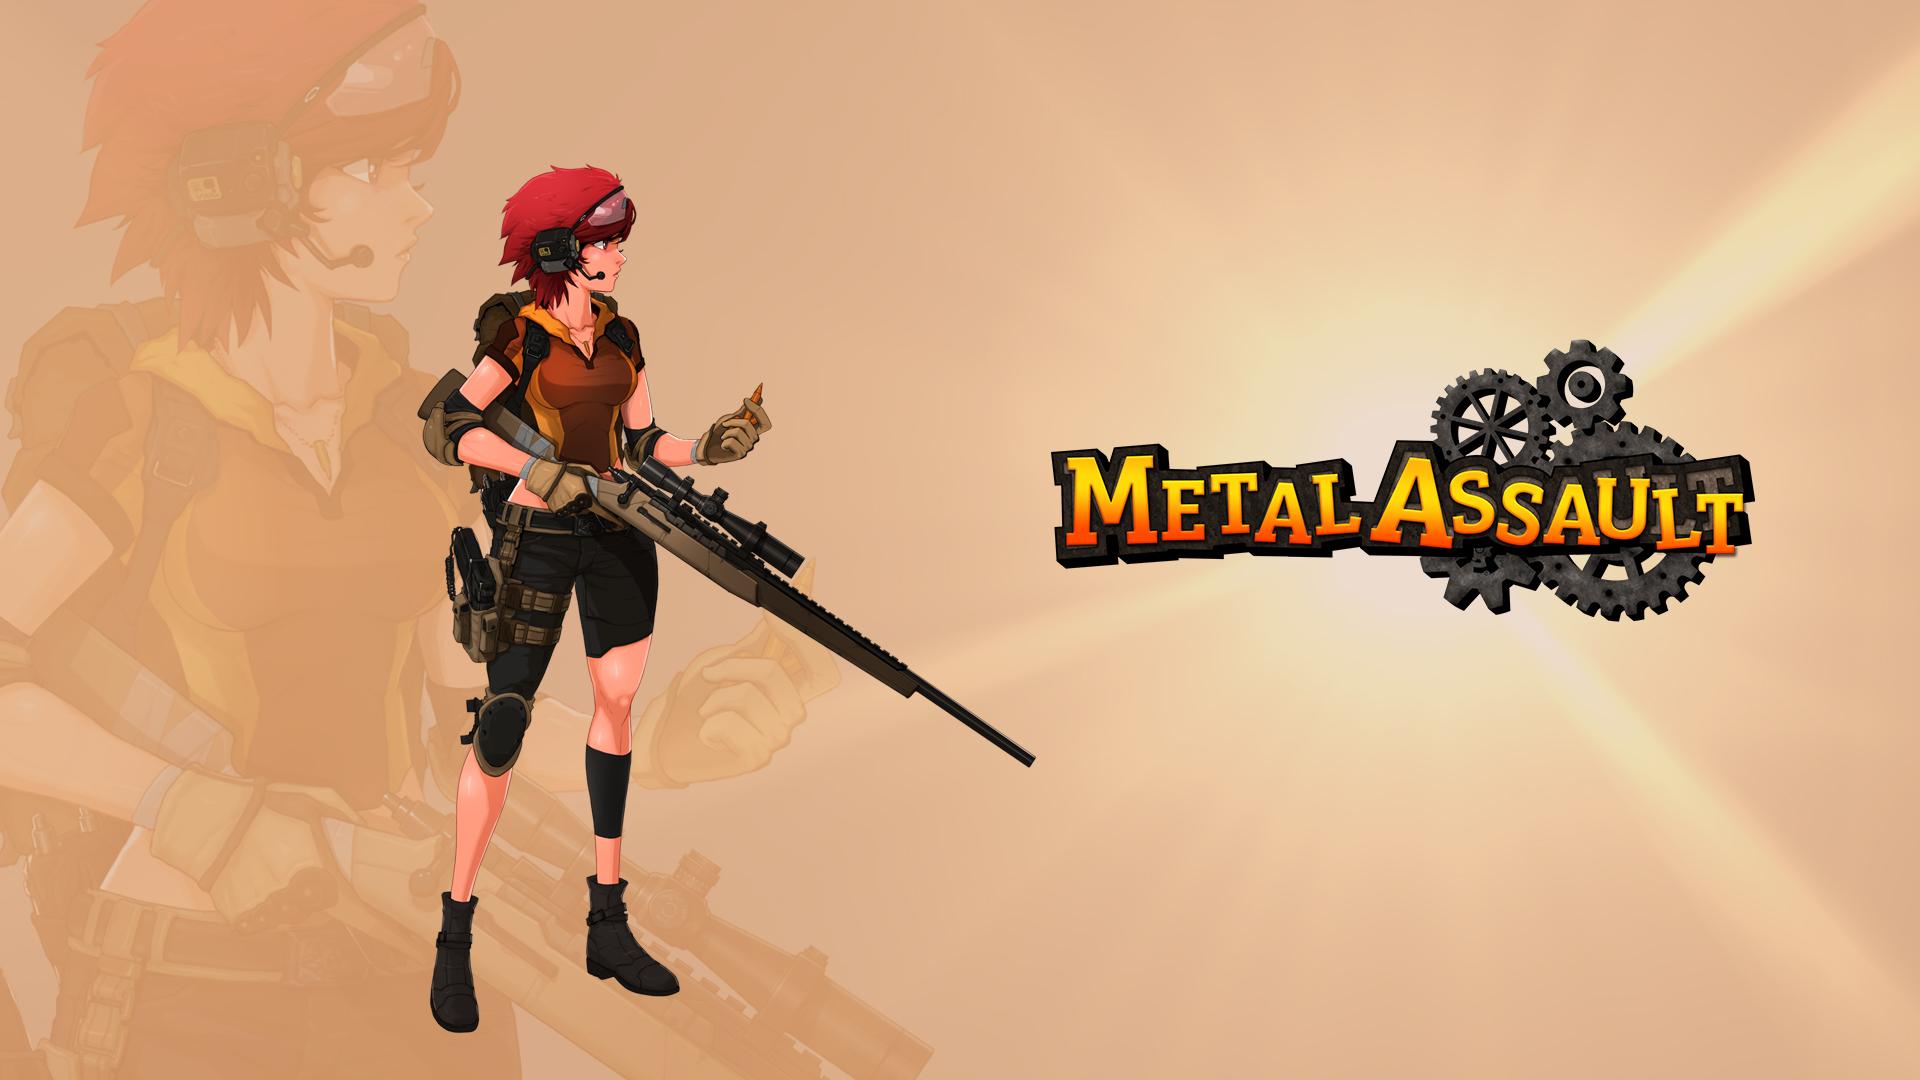 Metal Assault Wallpaper